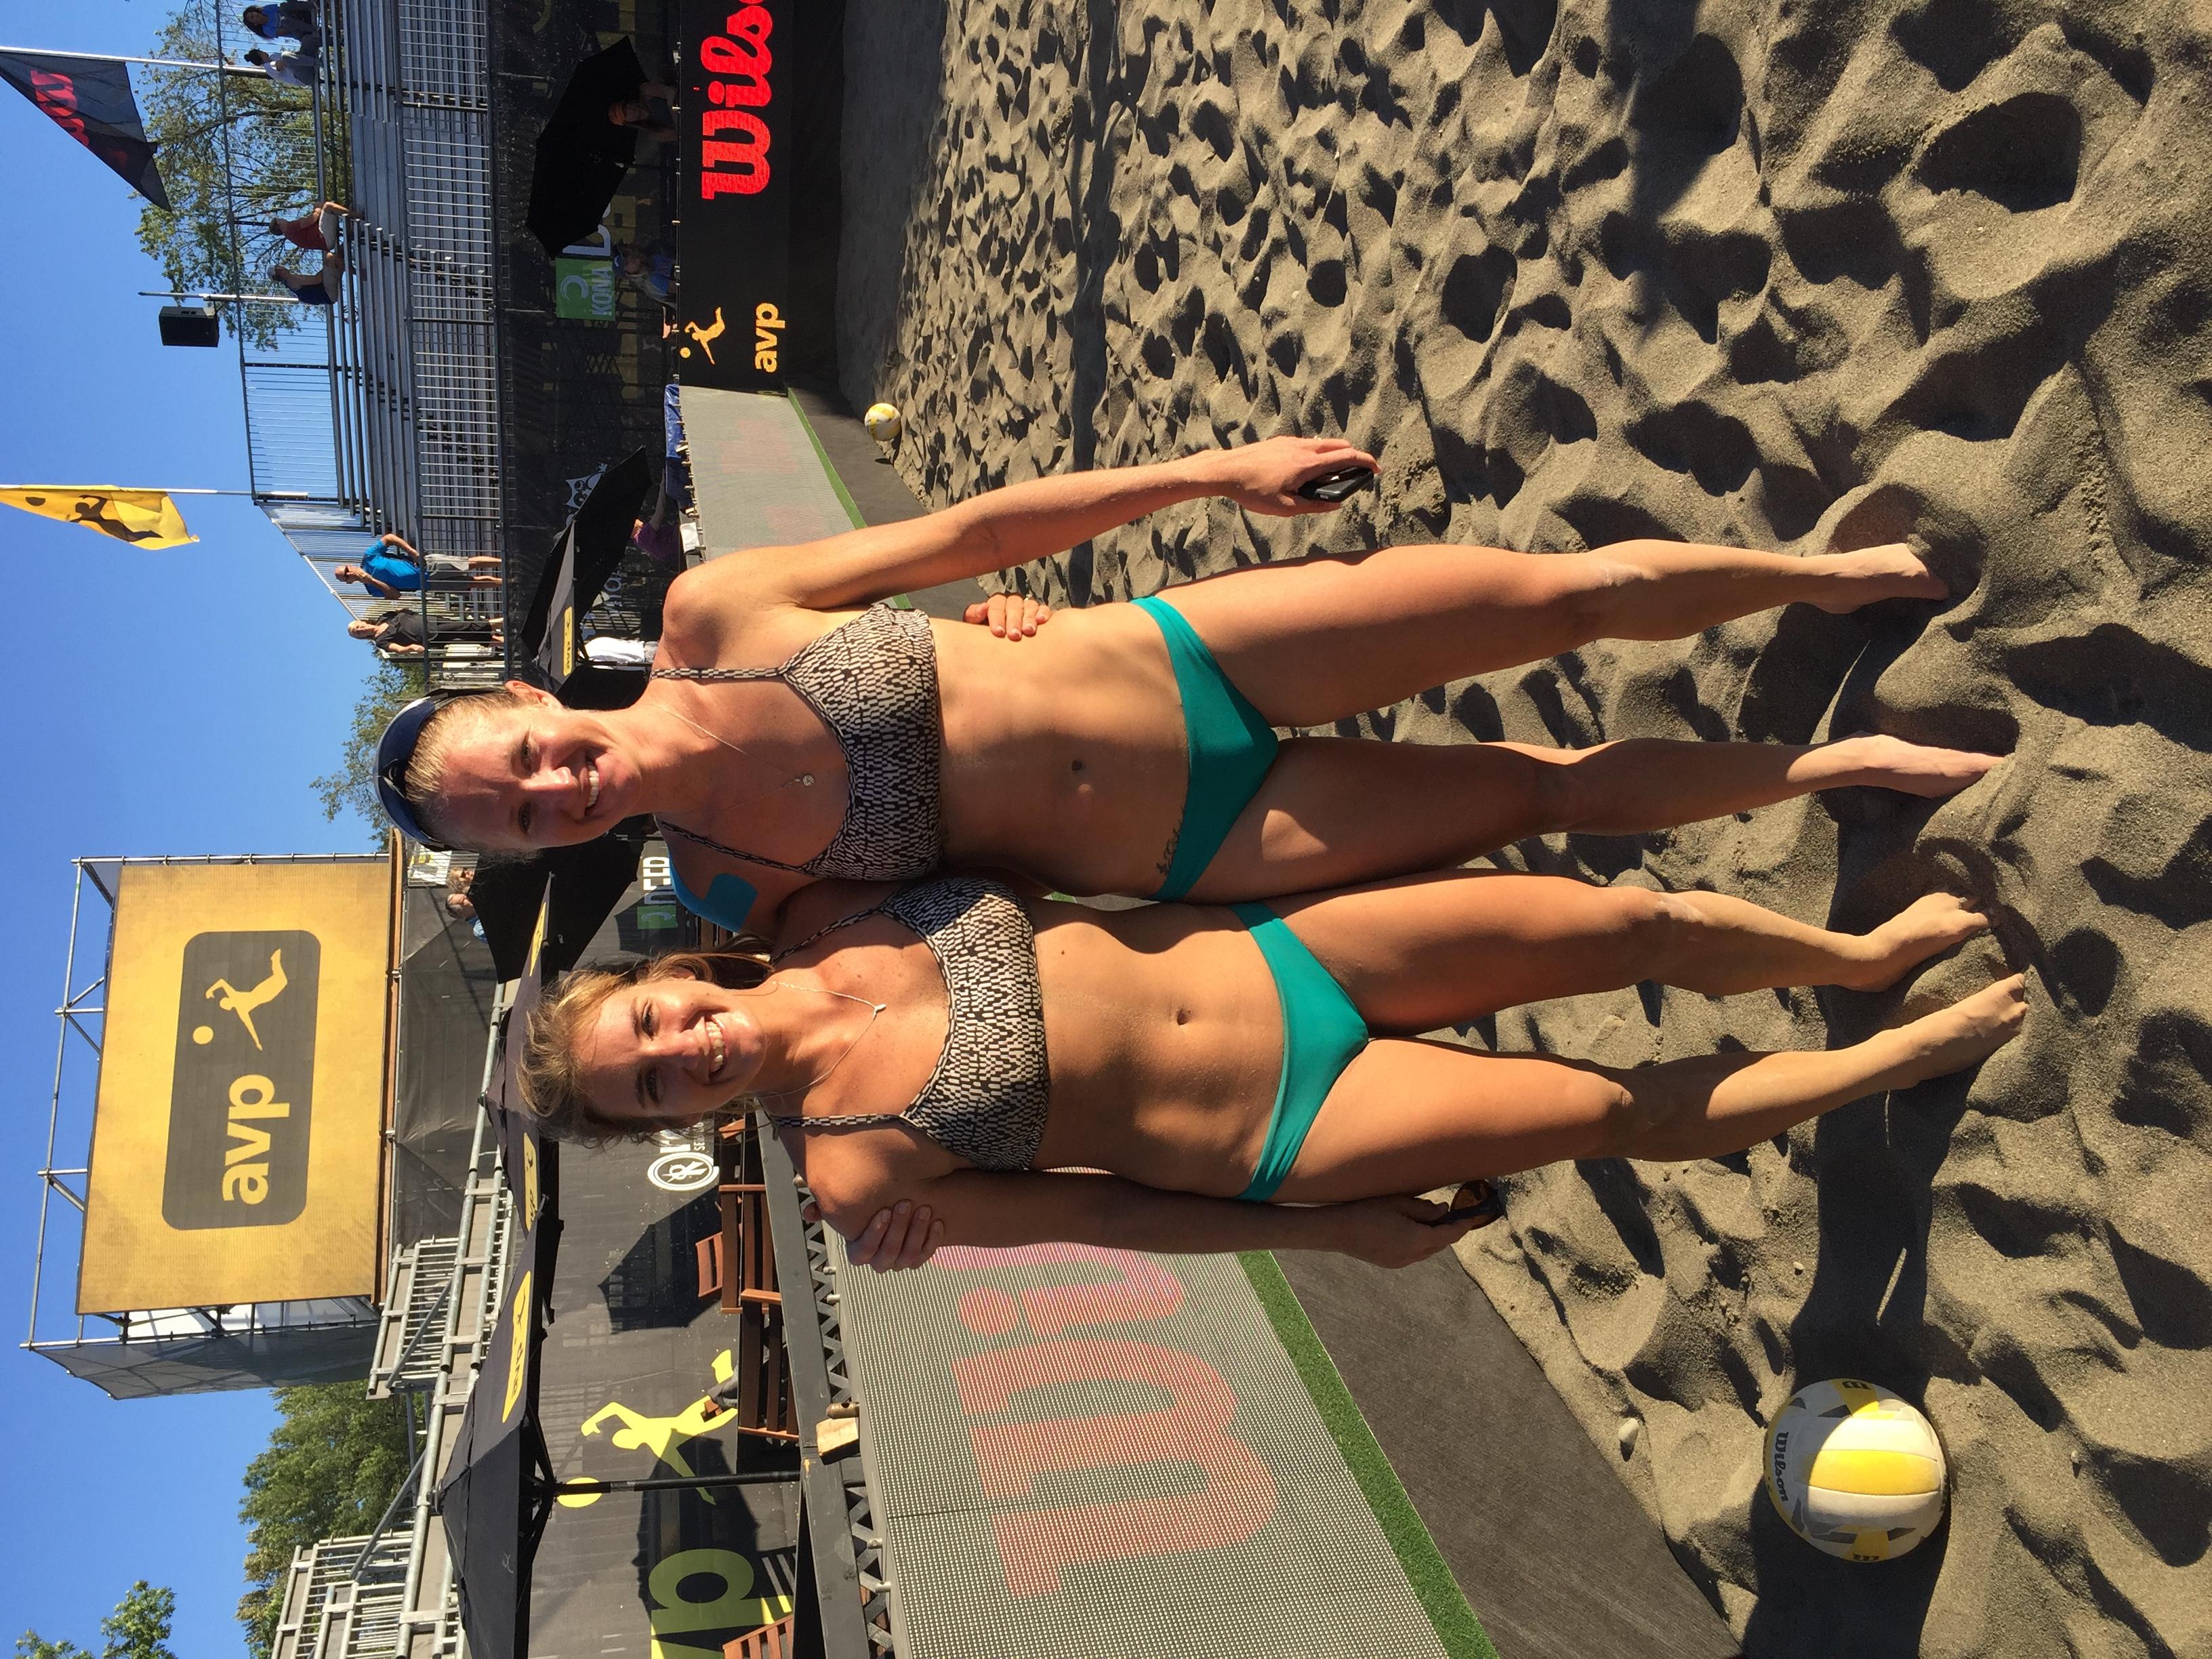 FIVB 1 Star Gold Medal Aurora & Bree